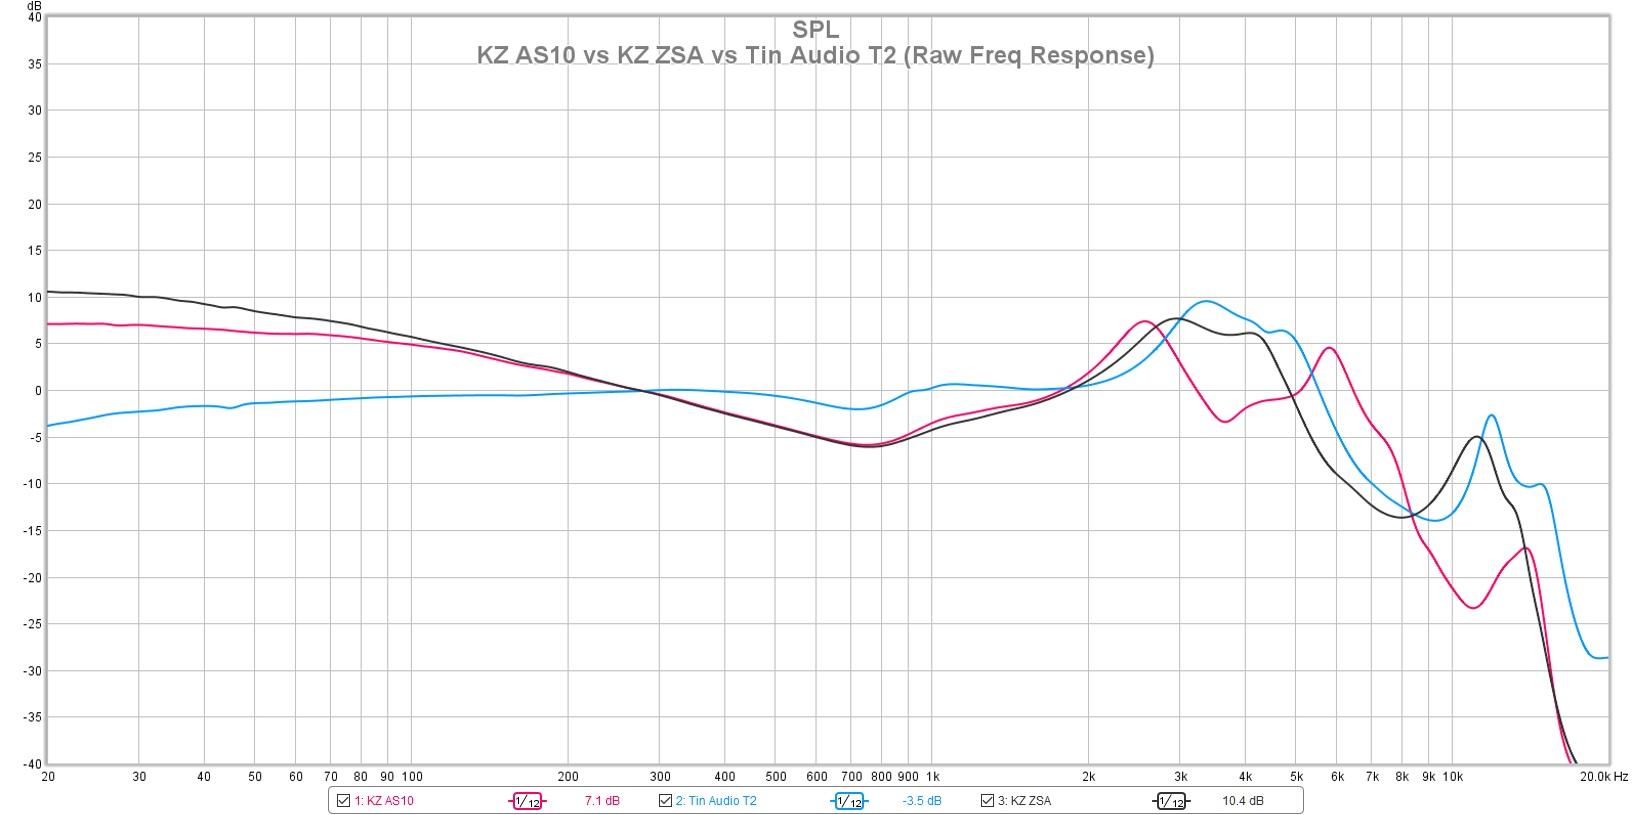 KZ ZSA vs KZ AS10 vs Tin Audio T2.jpg